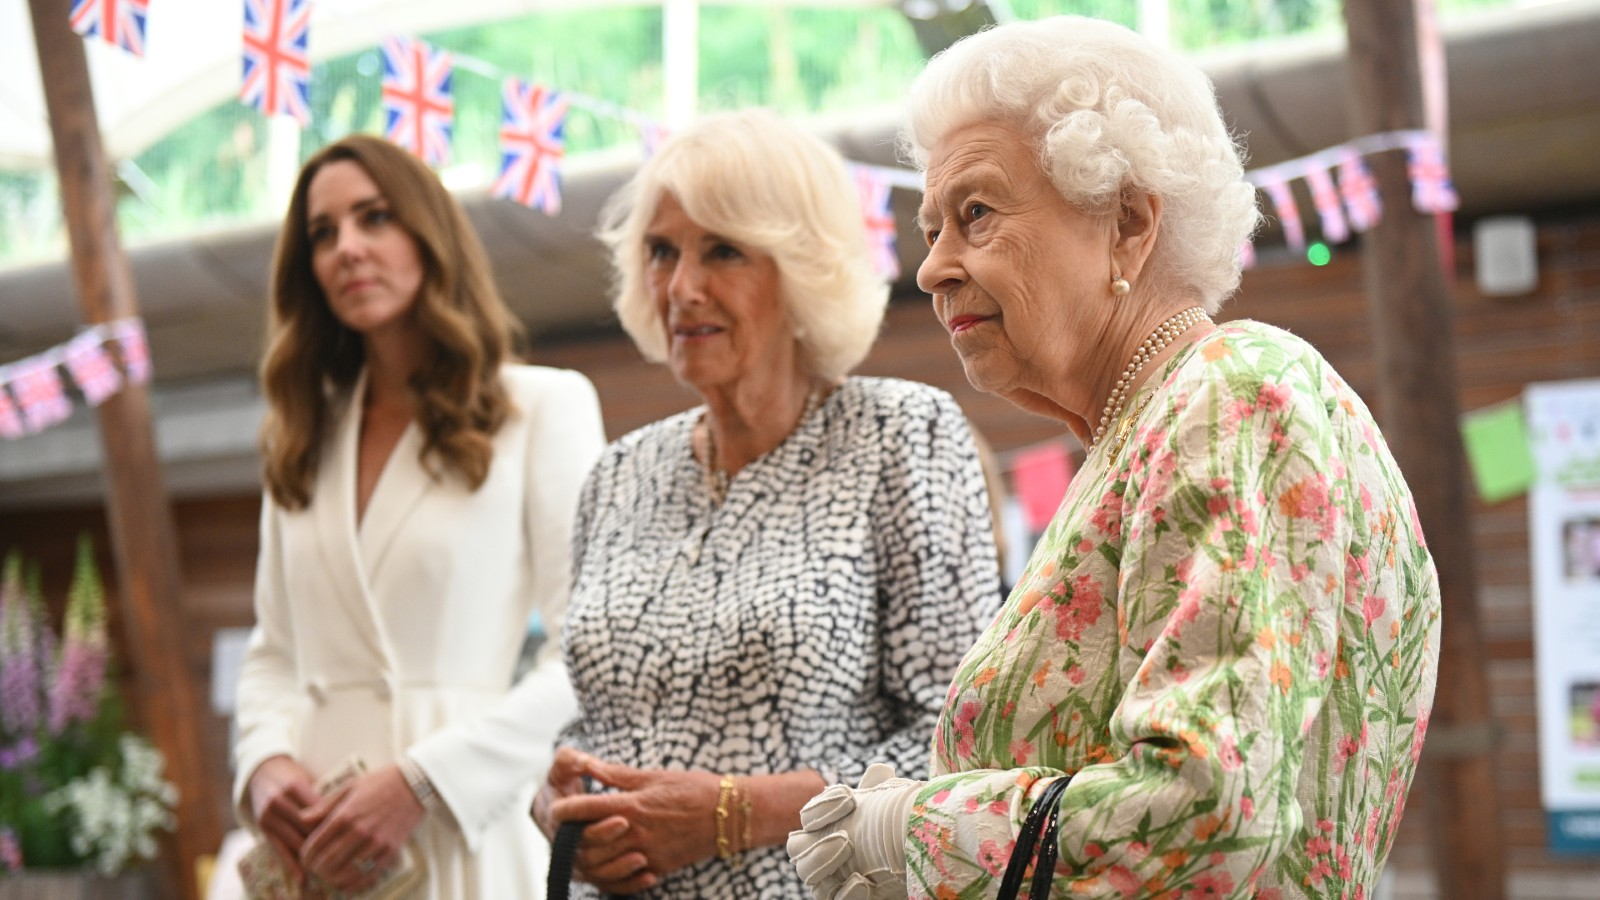 Catherine, duchesse de Cambridge (G), Camilla, duchesse de Cornouailles (C) et la reine Elizabeth II rencontrent des personnes issues de communautés de Cornouailles lors d'un événement organisé pour célébrer l'initiative The Big Lunch à l'Eden Project pendant le sommet du G7, le 11 juin 2021.